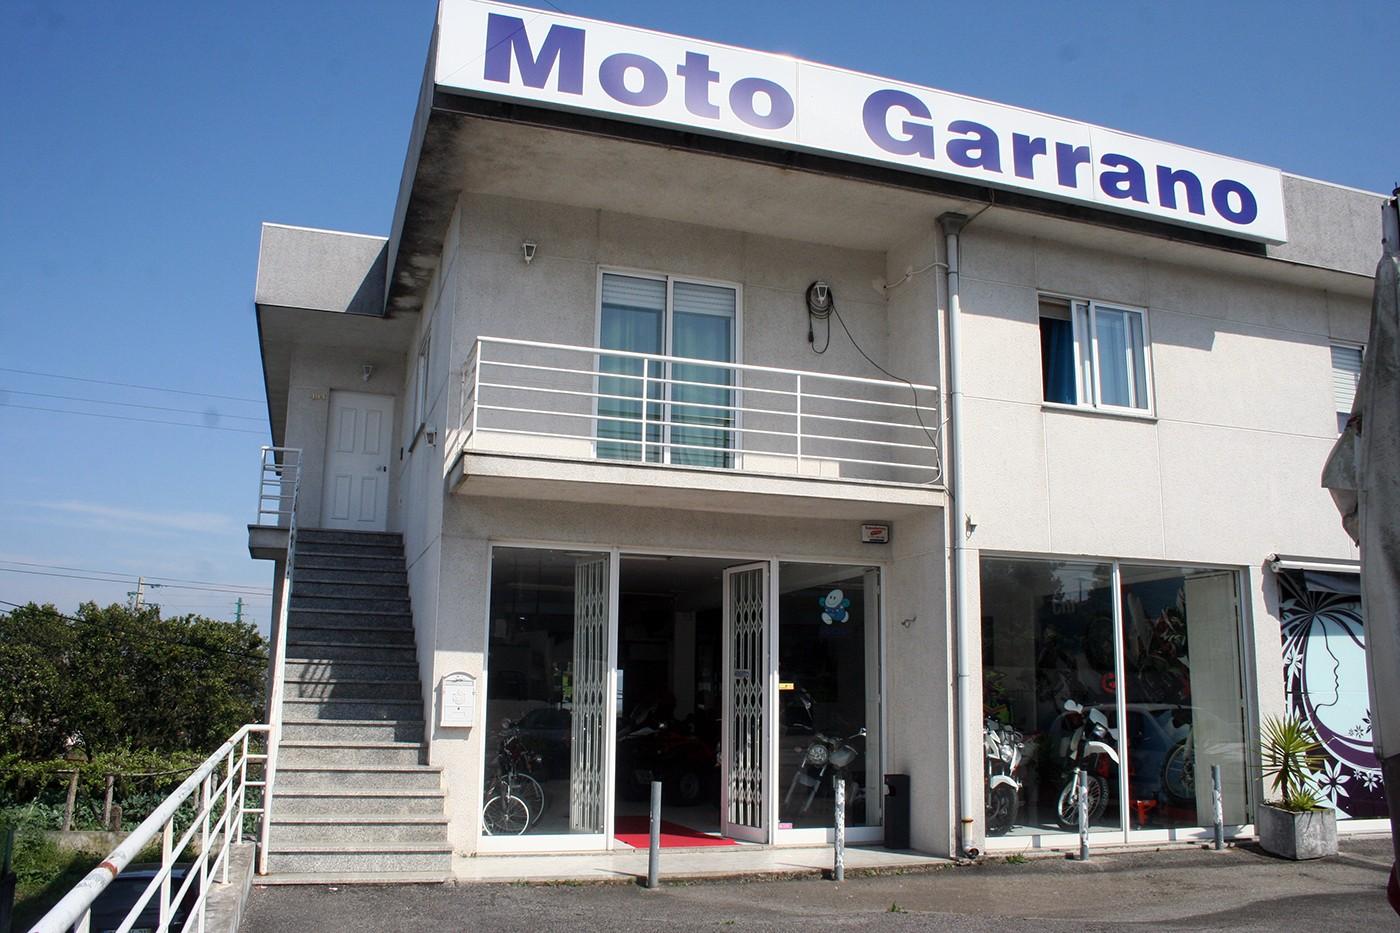 Moto Garrano